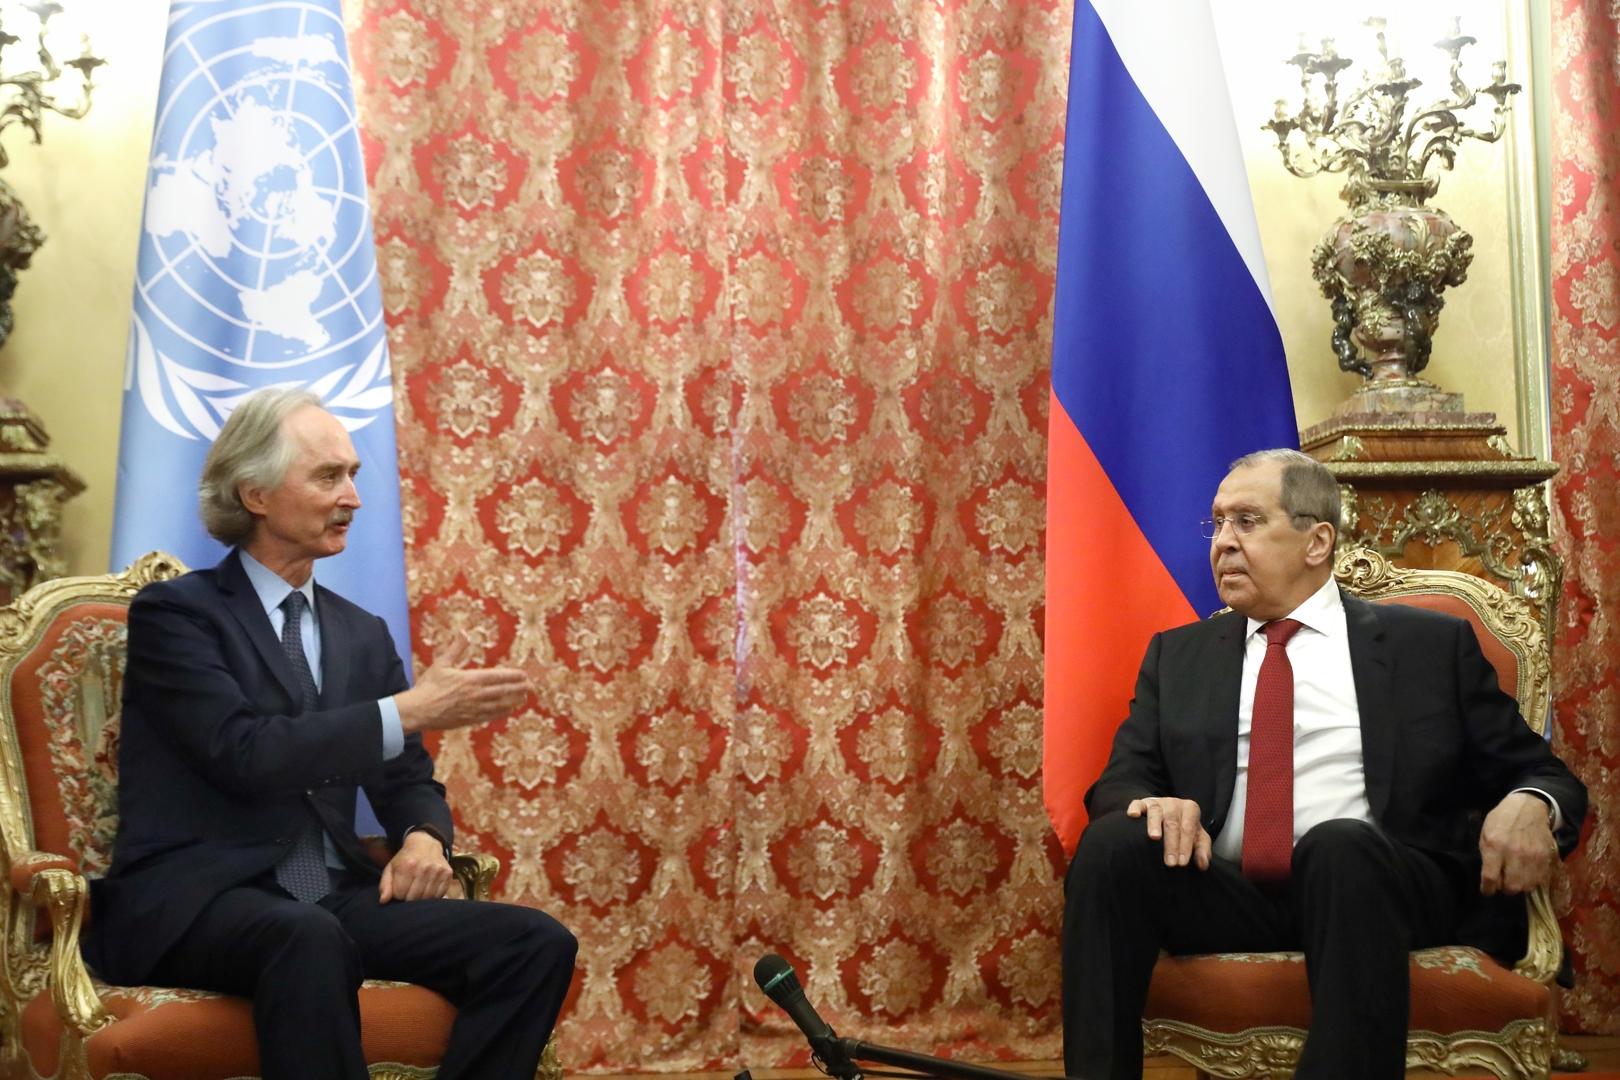 وزير الخارجية الروسي، سيرغي لافروف، والمبعوث الأممي الخاص إلى سوريا، غير بيدرسن.